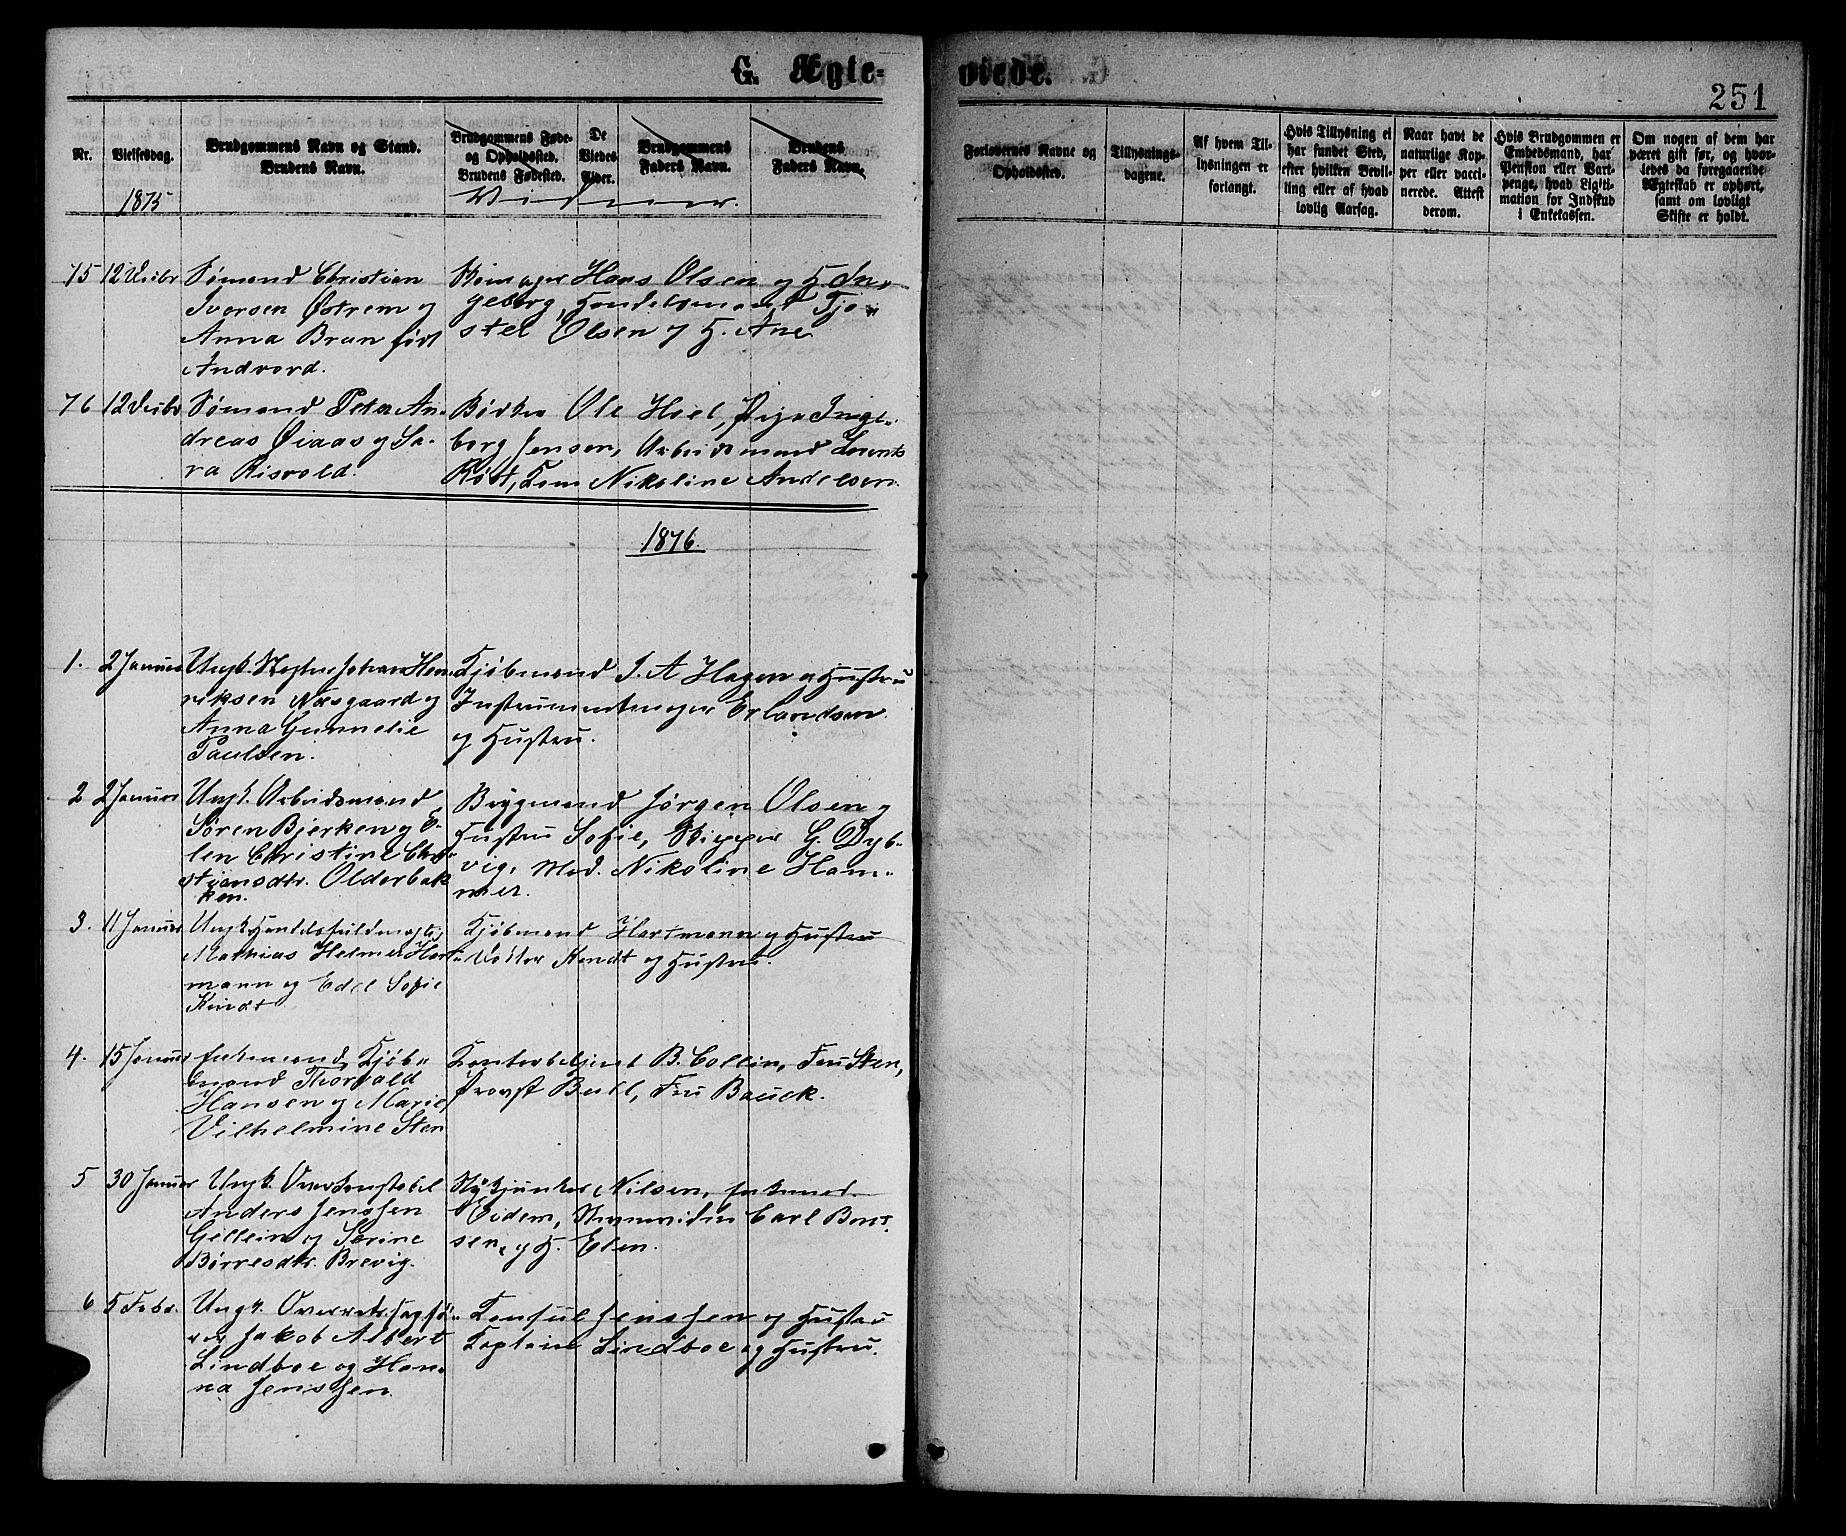 SAT, Ministerialprotokoller, klokkerbøker og fødselsregistre - Sør-Trøndelag, 601/L0088: Klokkerbok nr. 601C06, 1870-1878, s. 251a